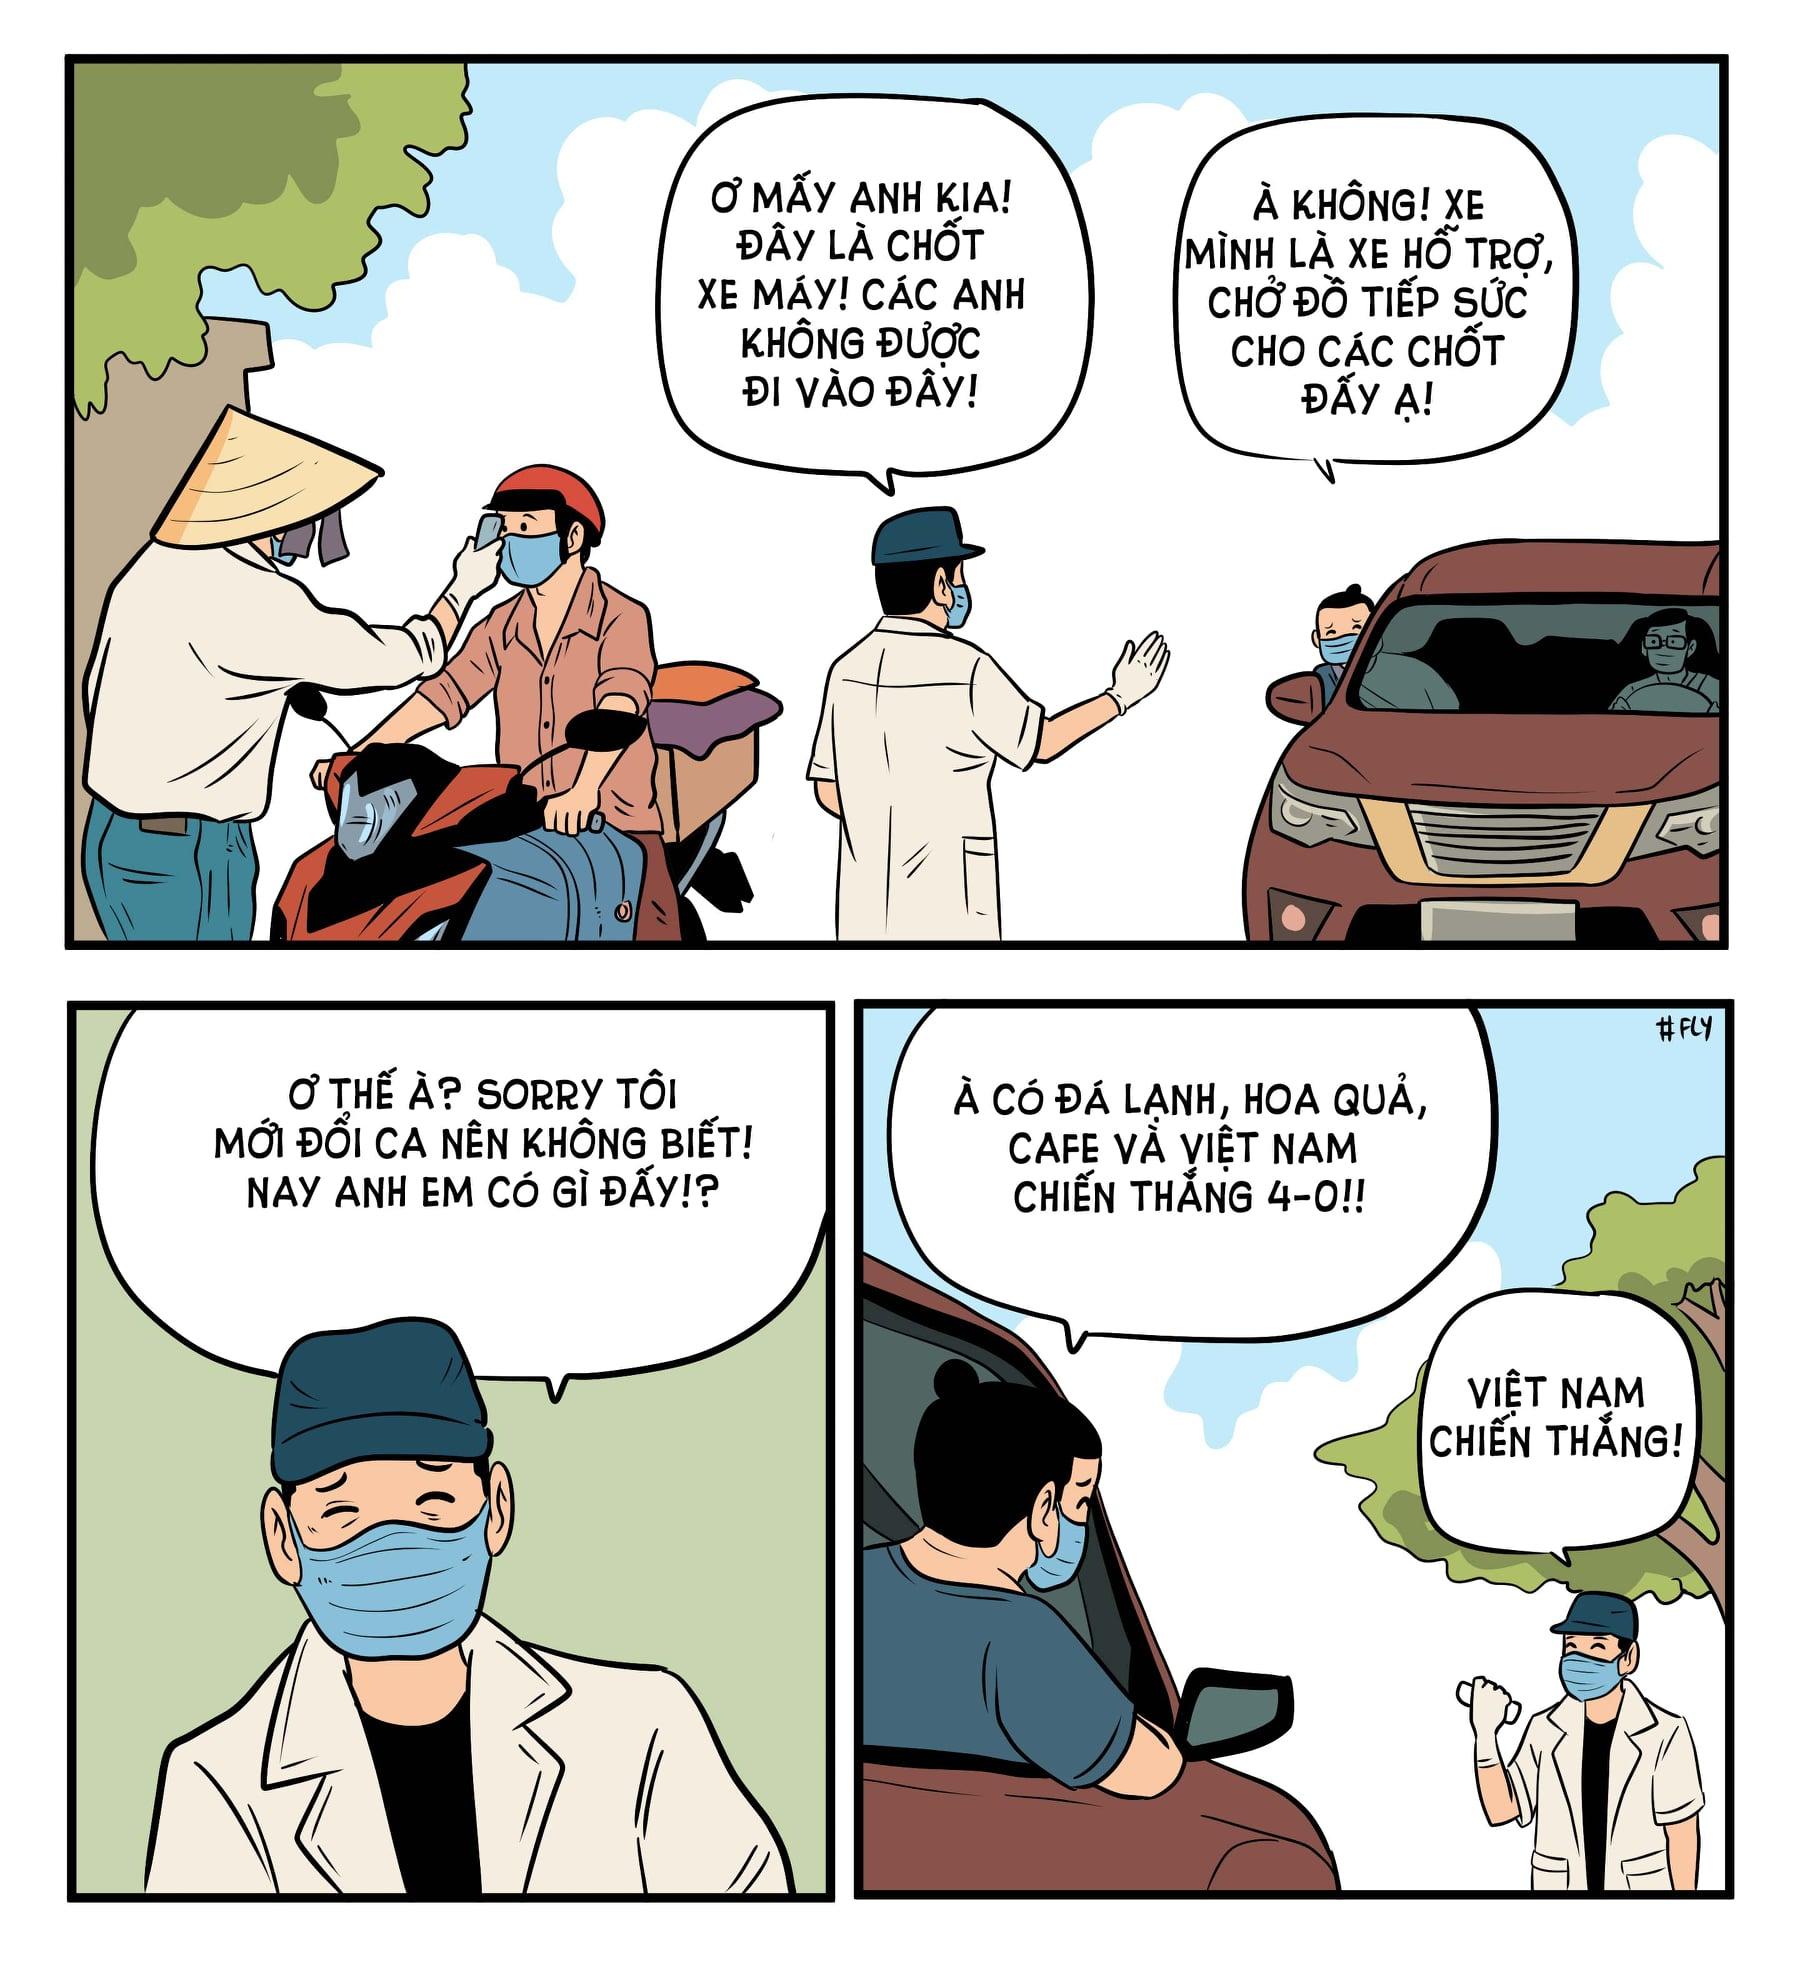 Đội tuyển Việt Nam: Liều vaccine tinh thần cho cả đất nước! - Ảnh 6.